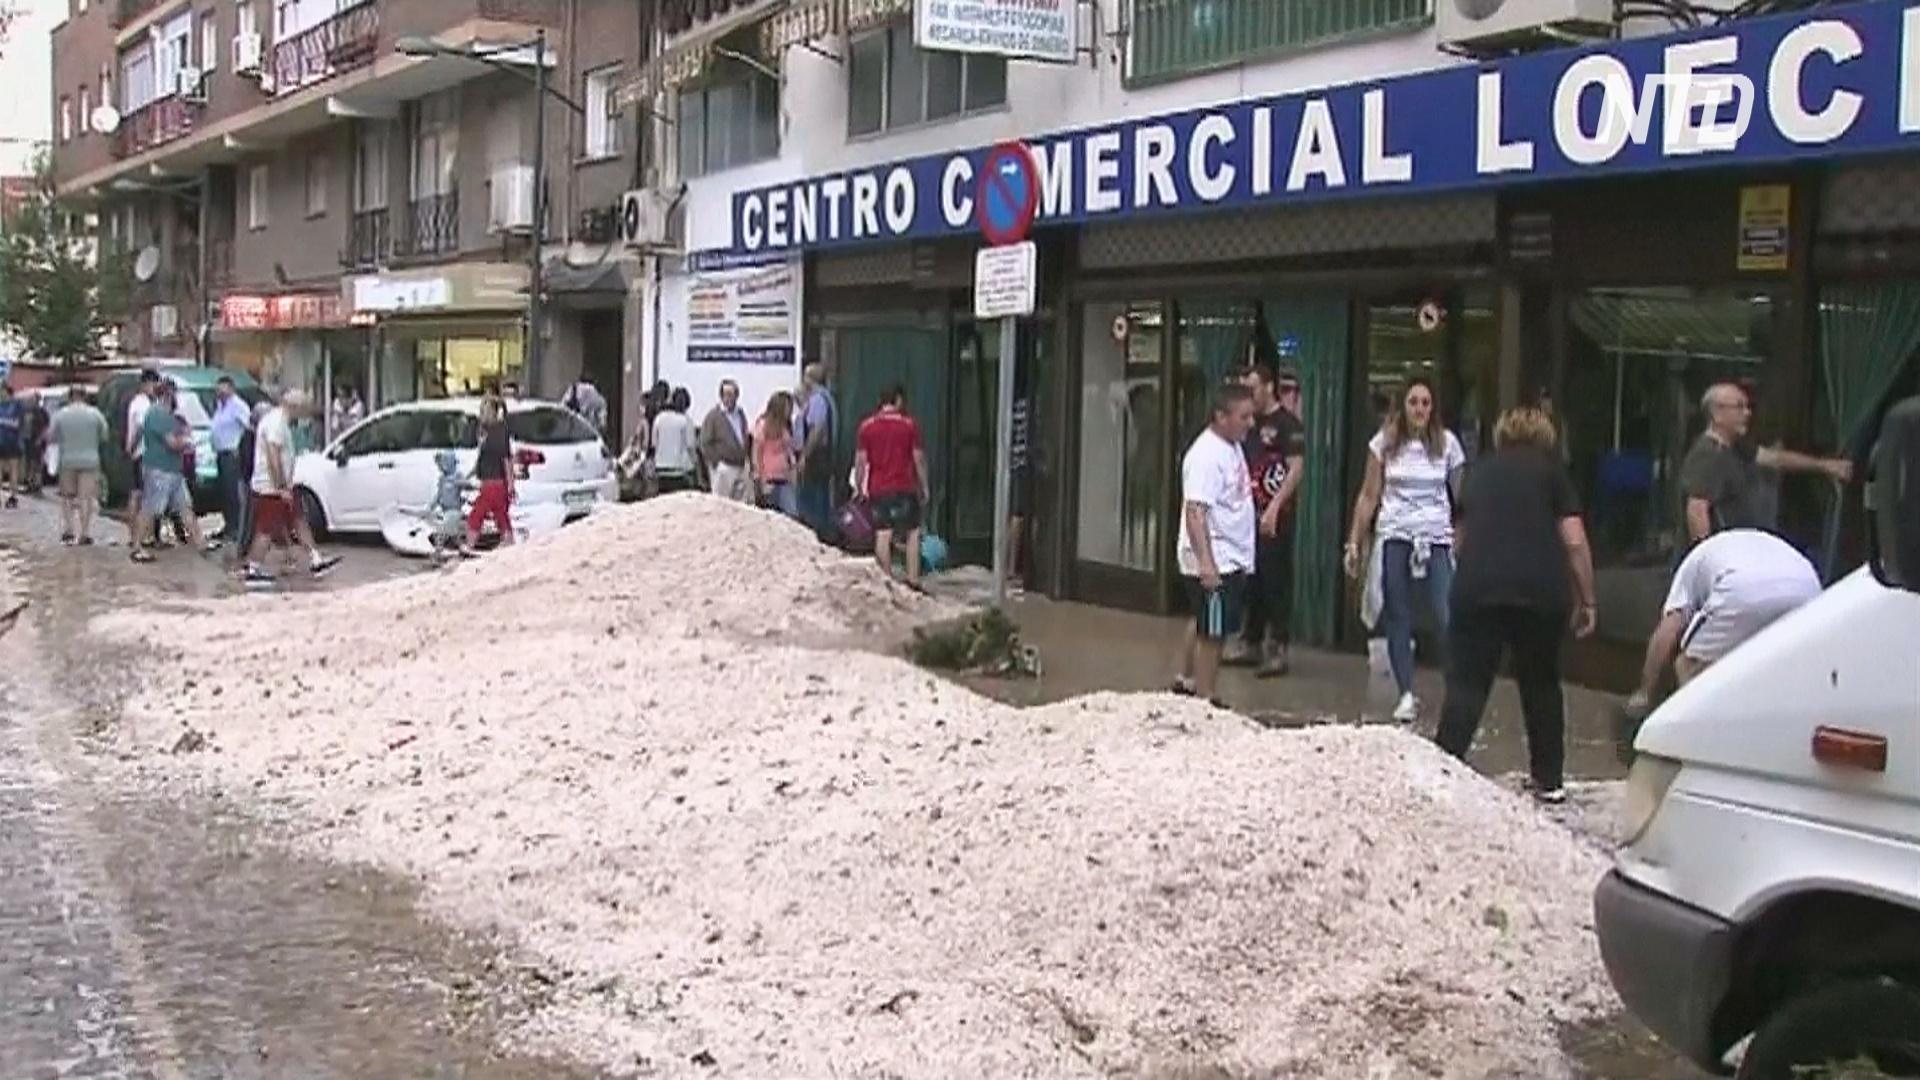 Горы града на улицах: в Испании устраняют последствия аномально сильной грозы